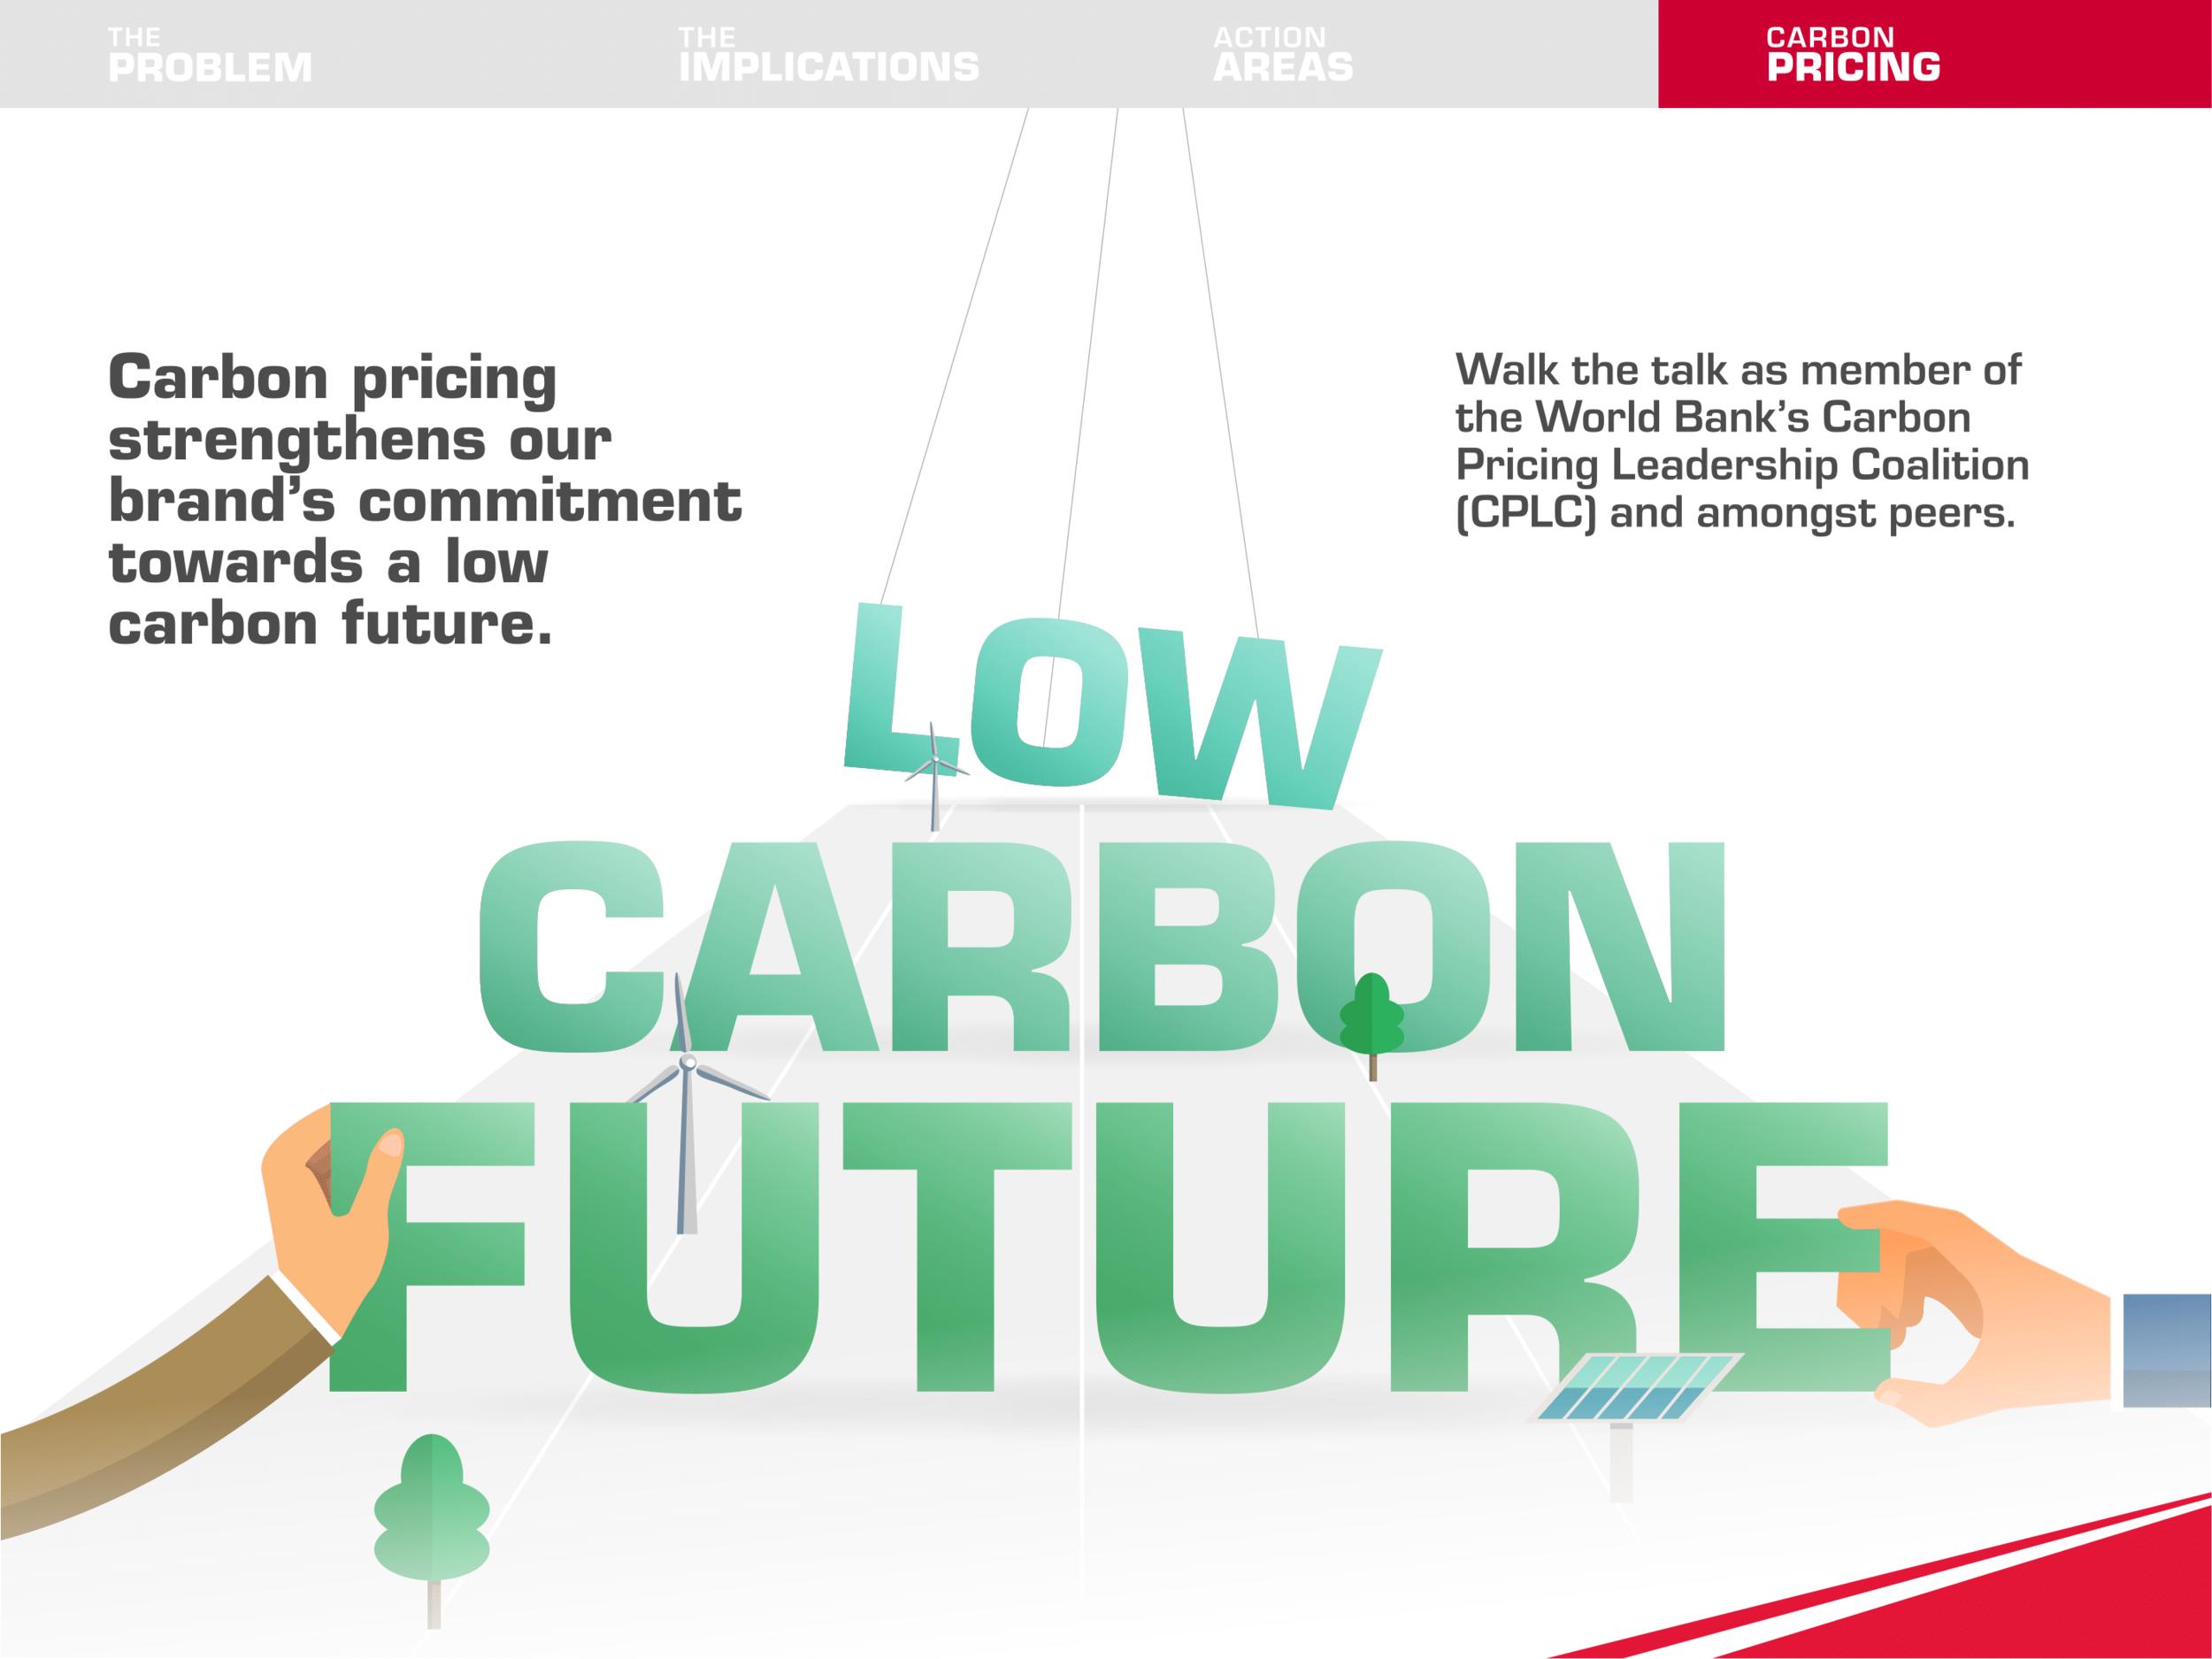 Mahindra Carbon Primer_9_6-31.png